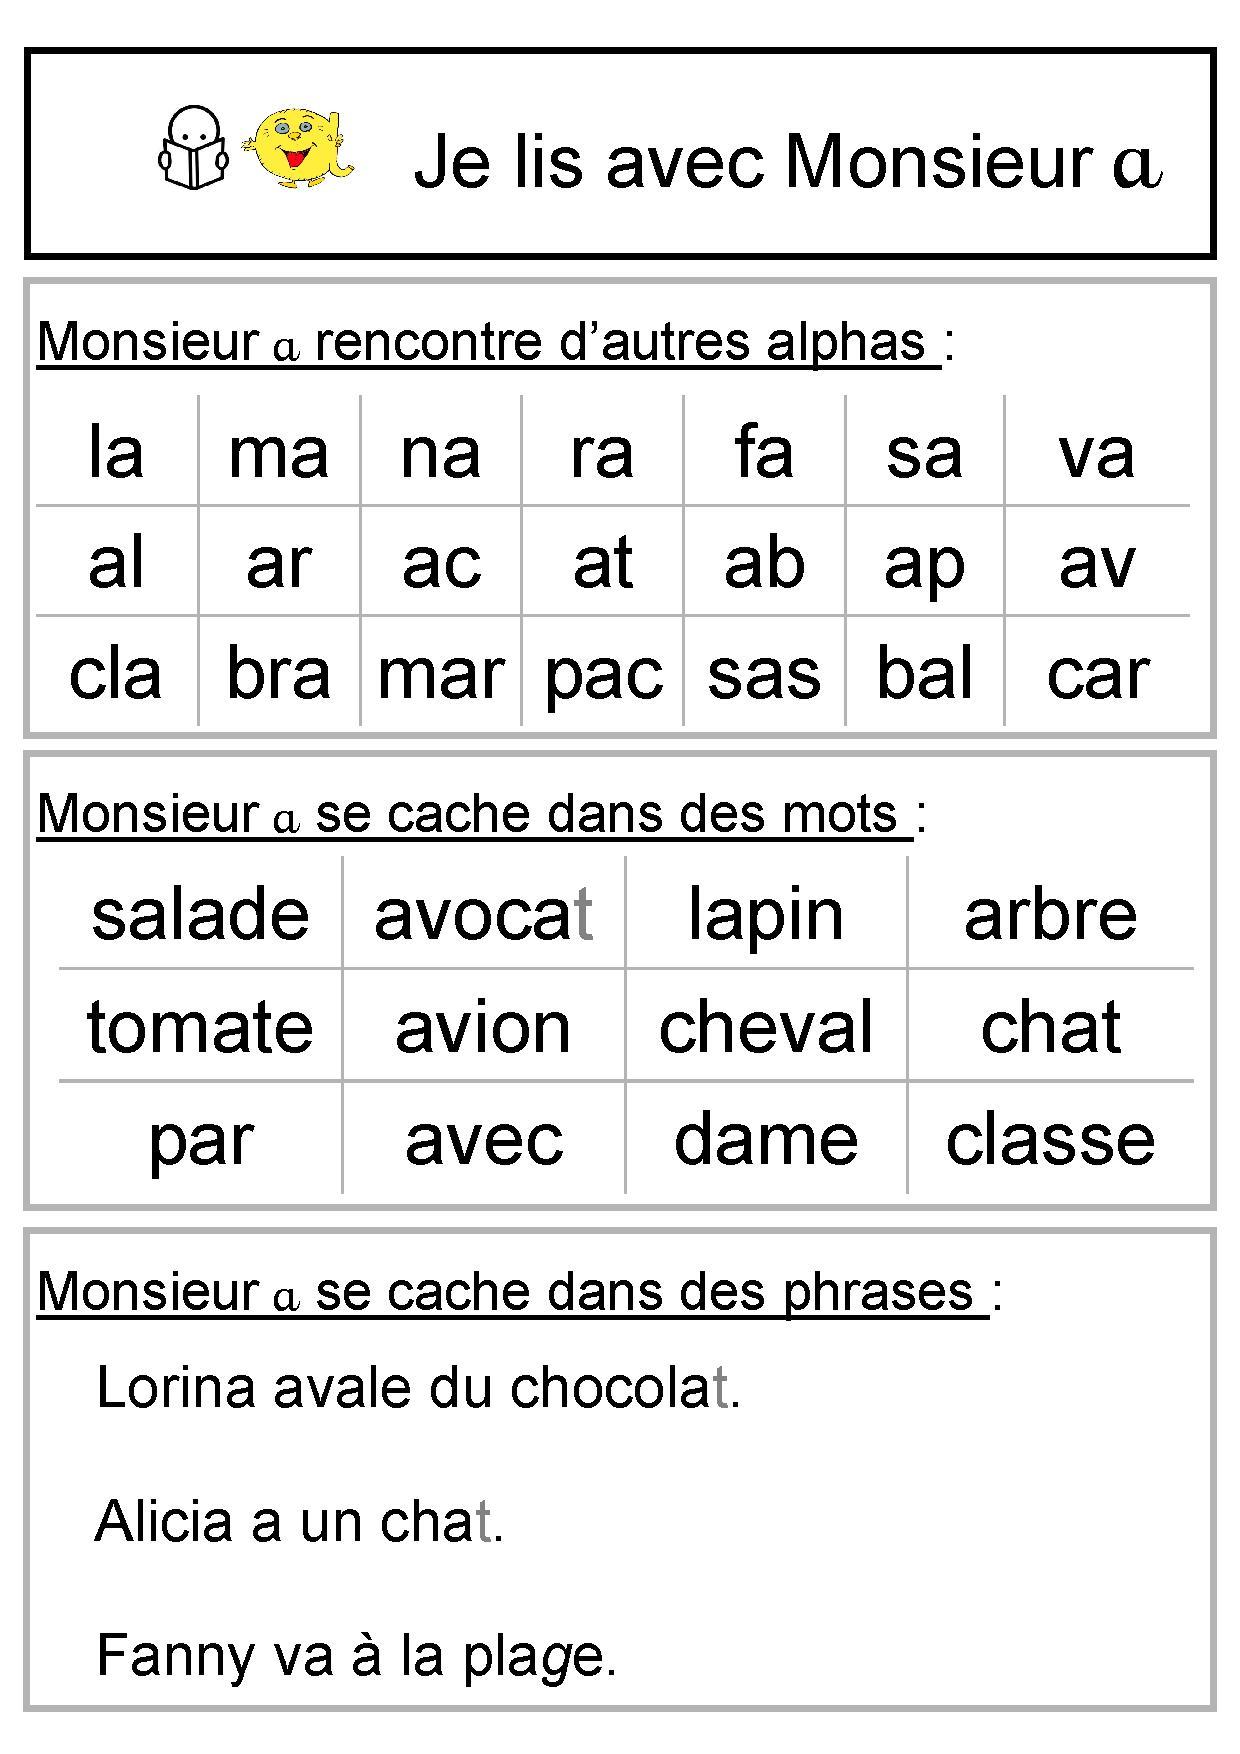 Populaire Le lutin de sons : le son [a] - Dame Dubois TS57